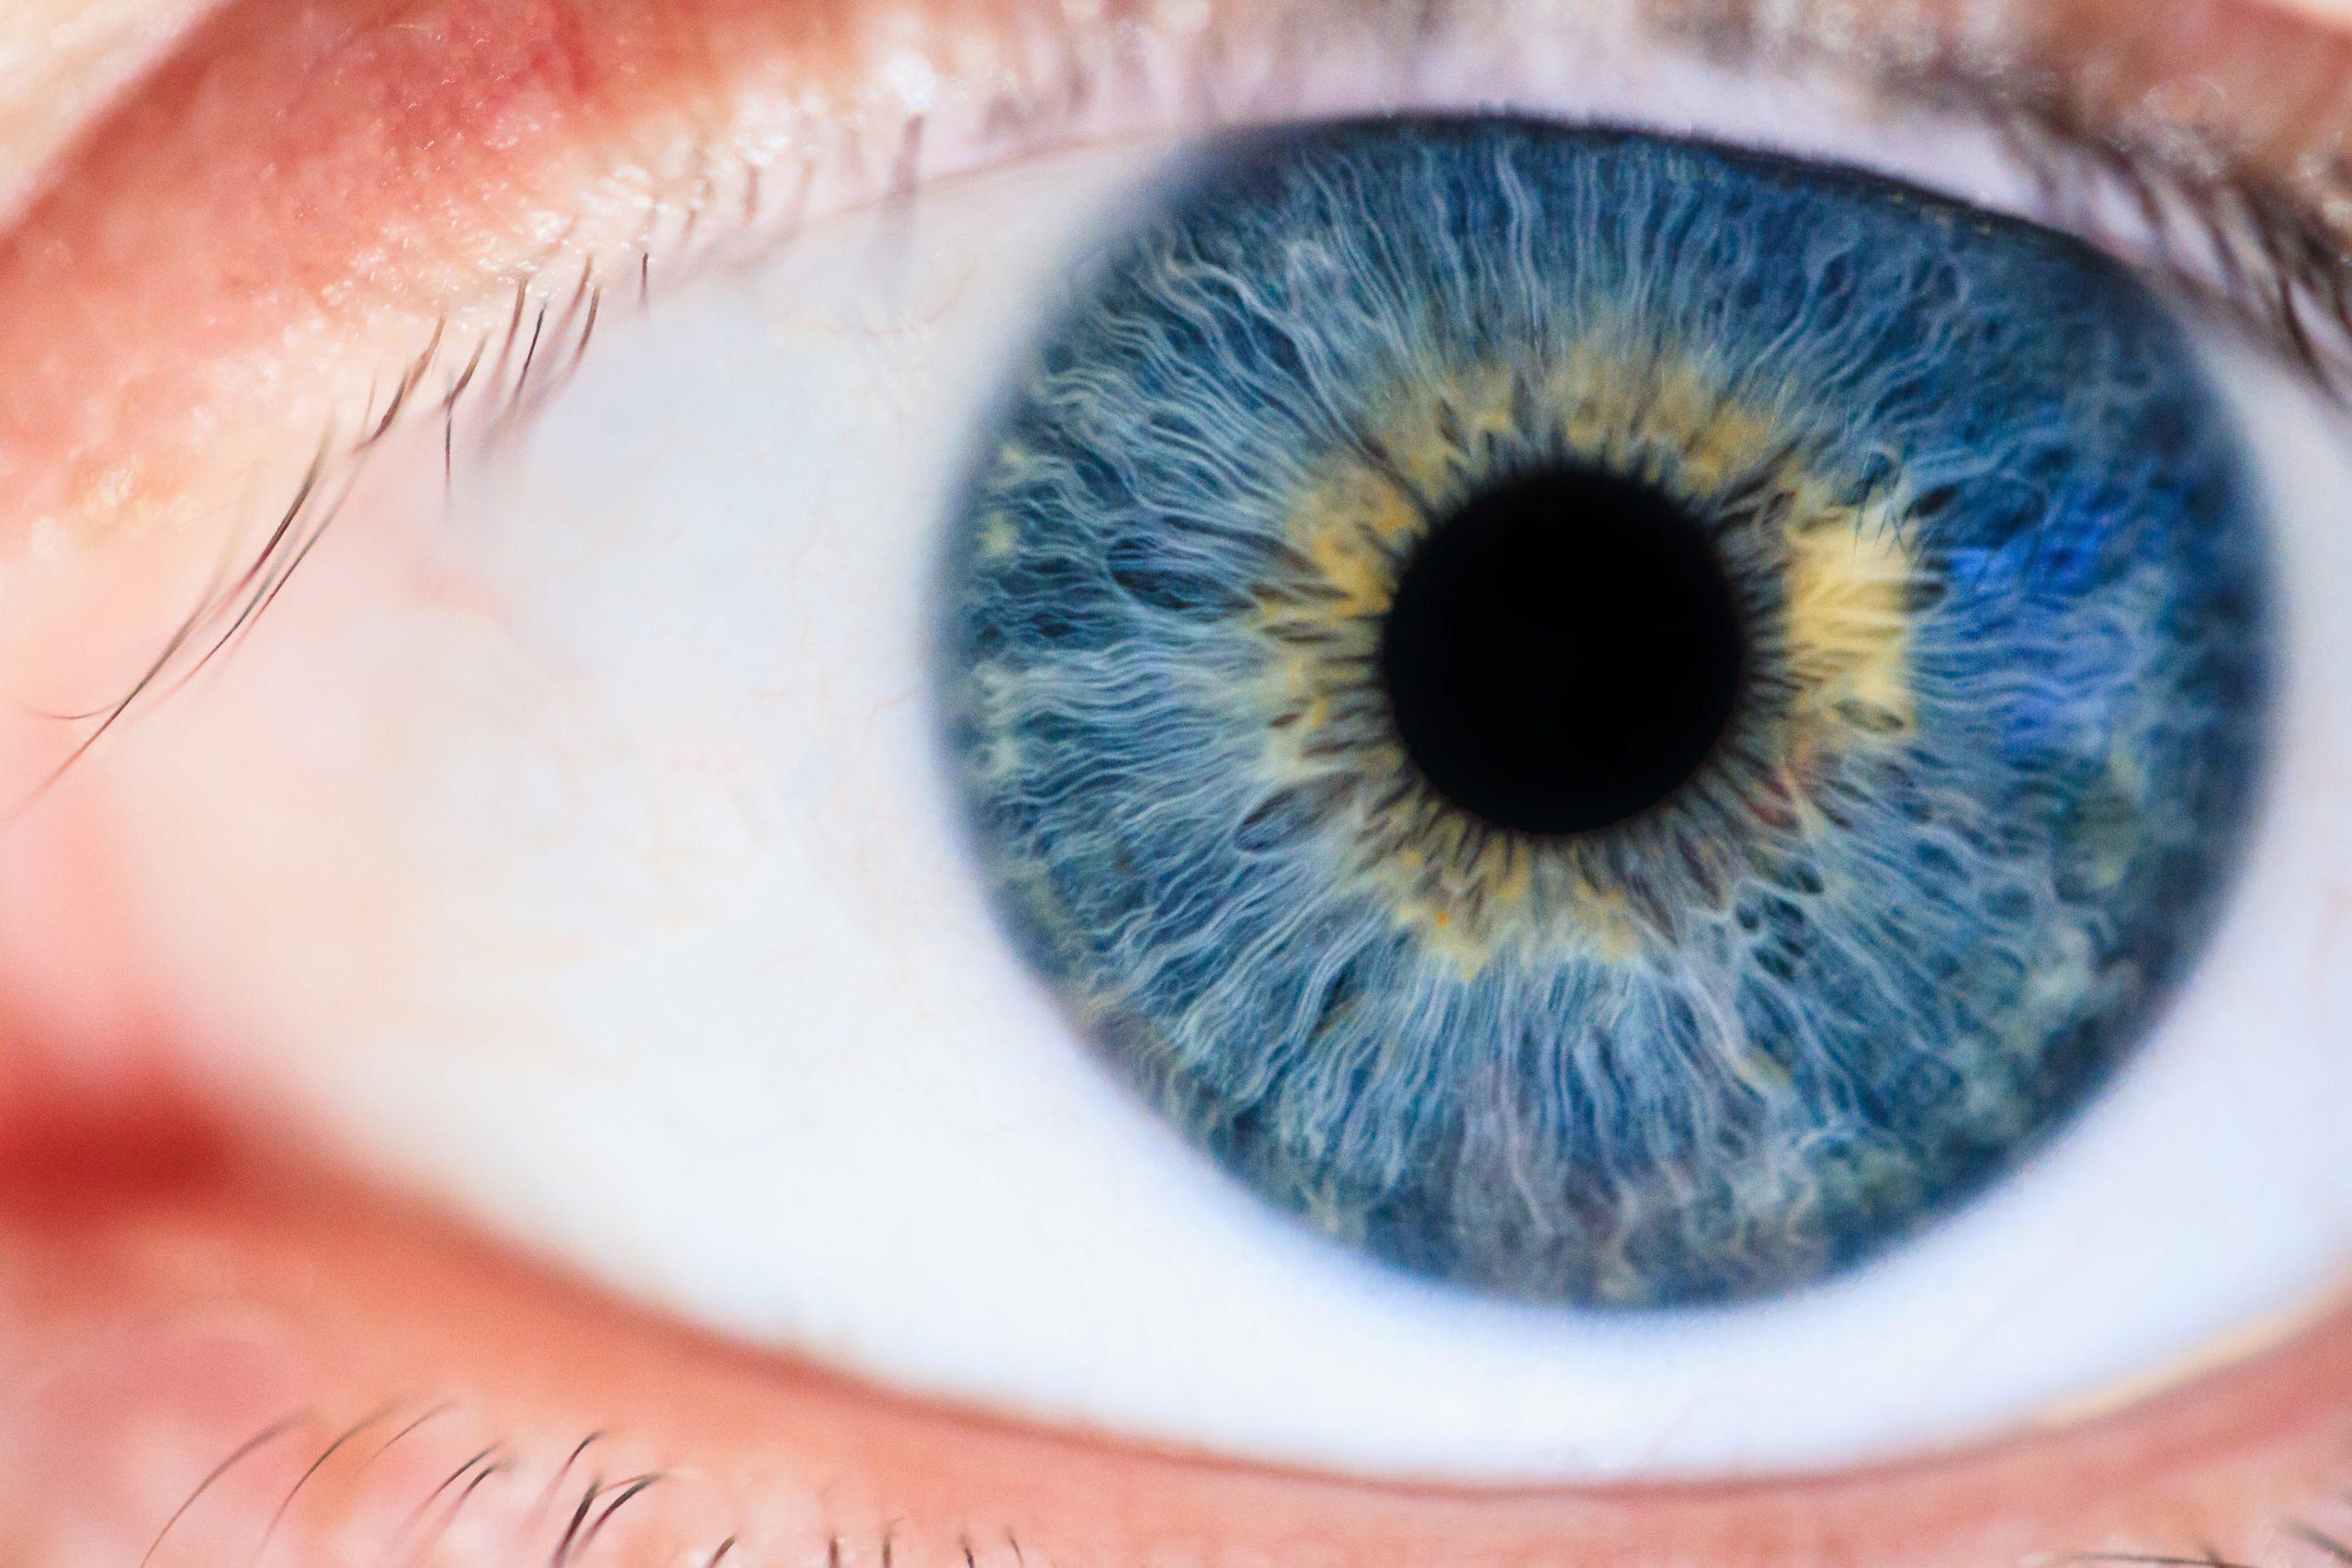 macro-photo-of-eye-1486641